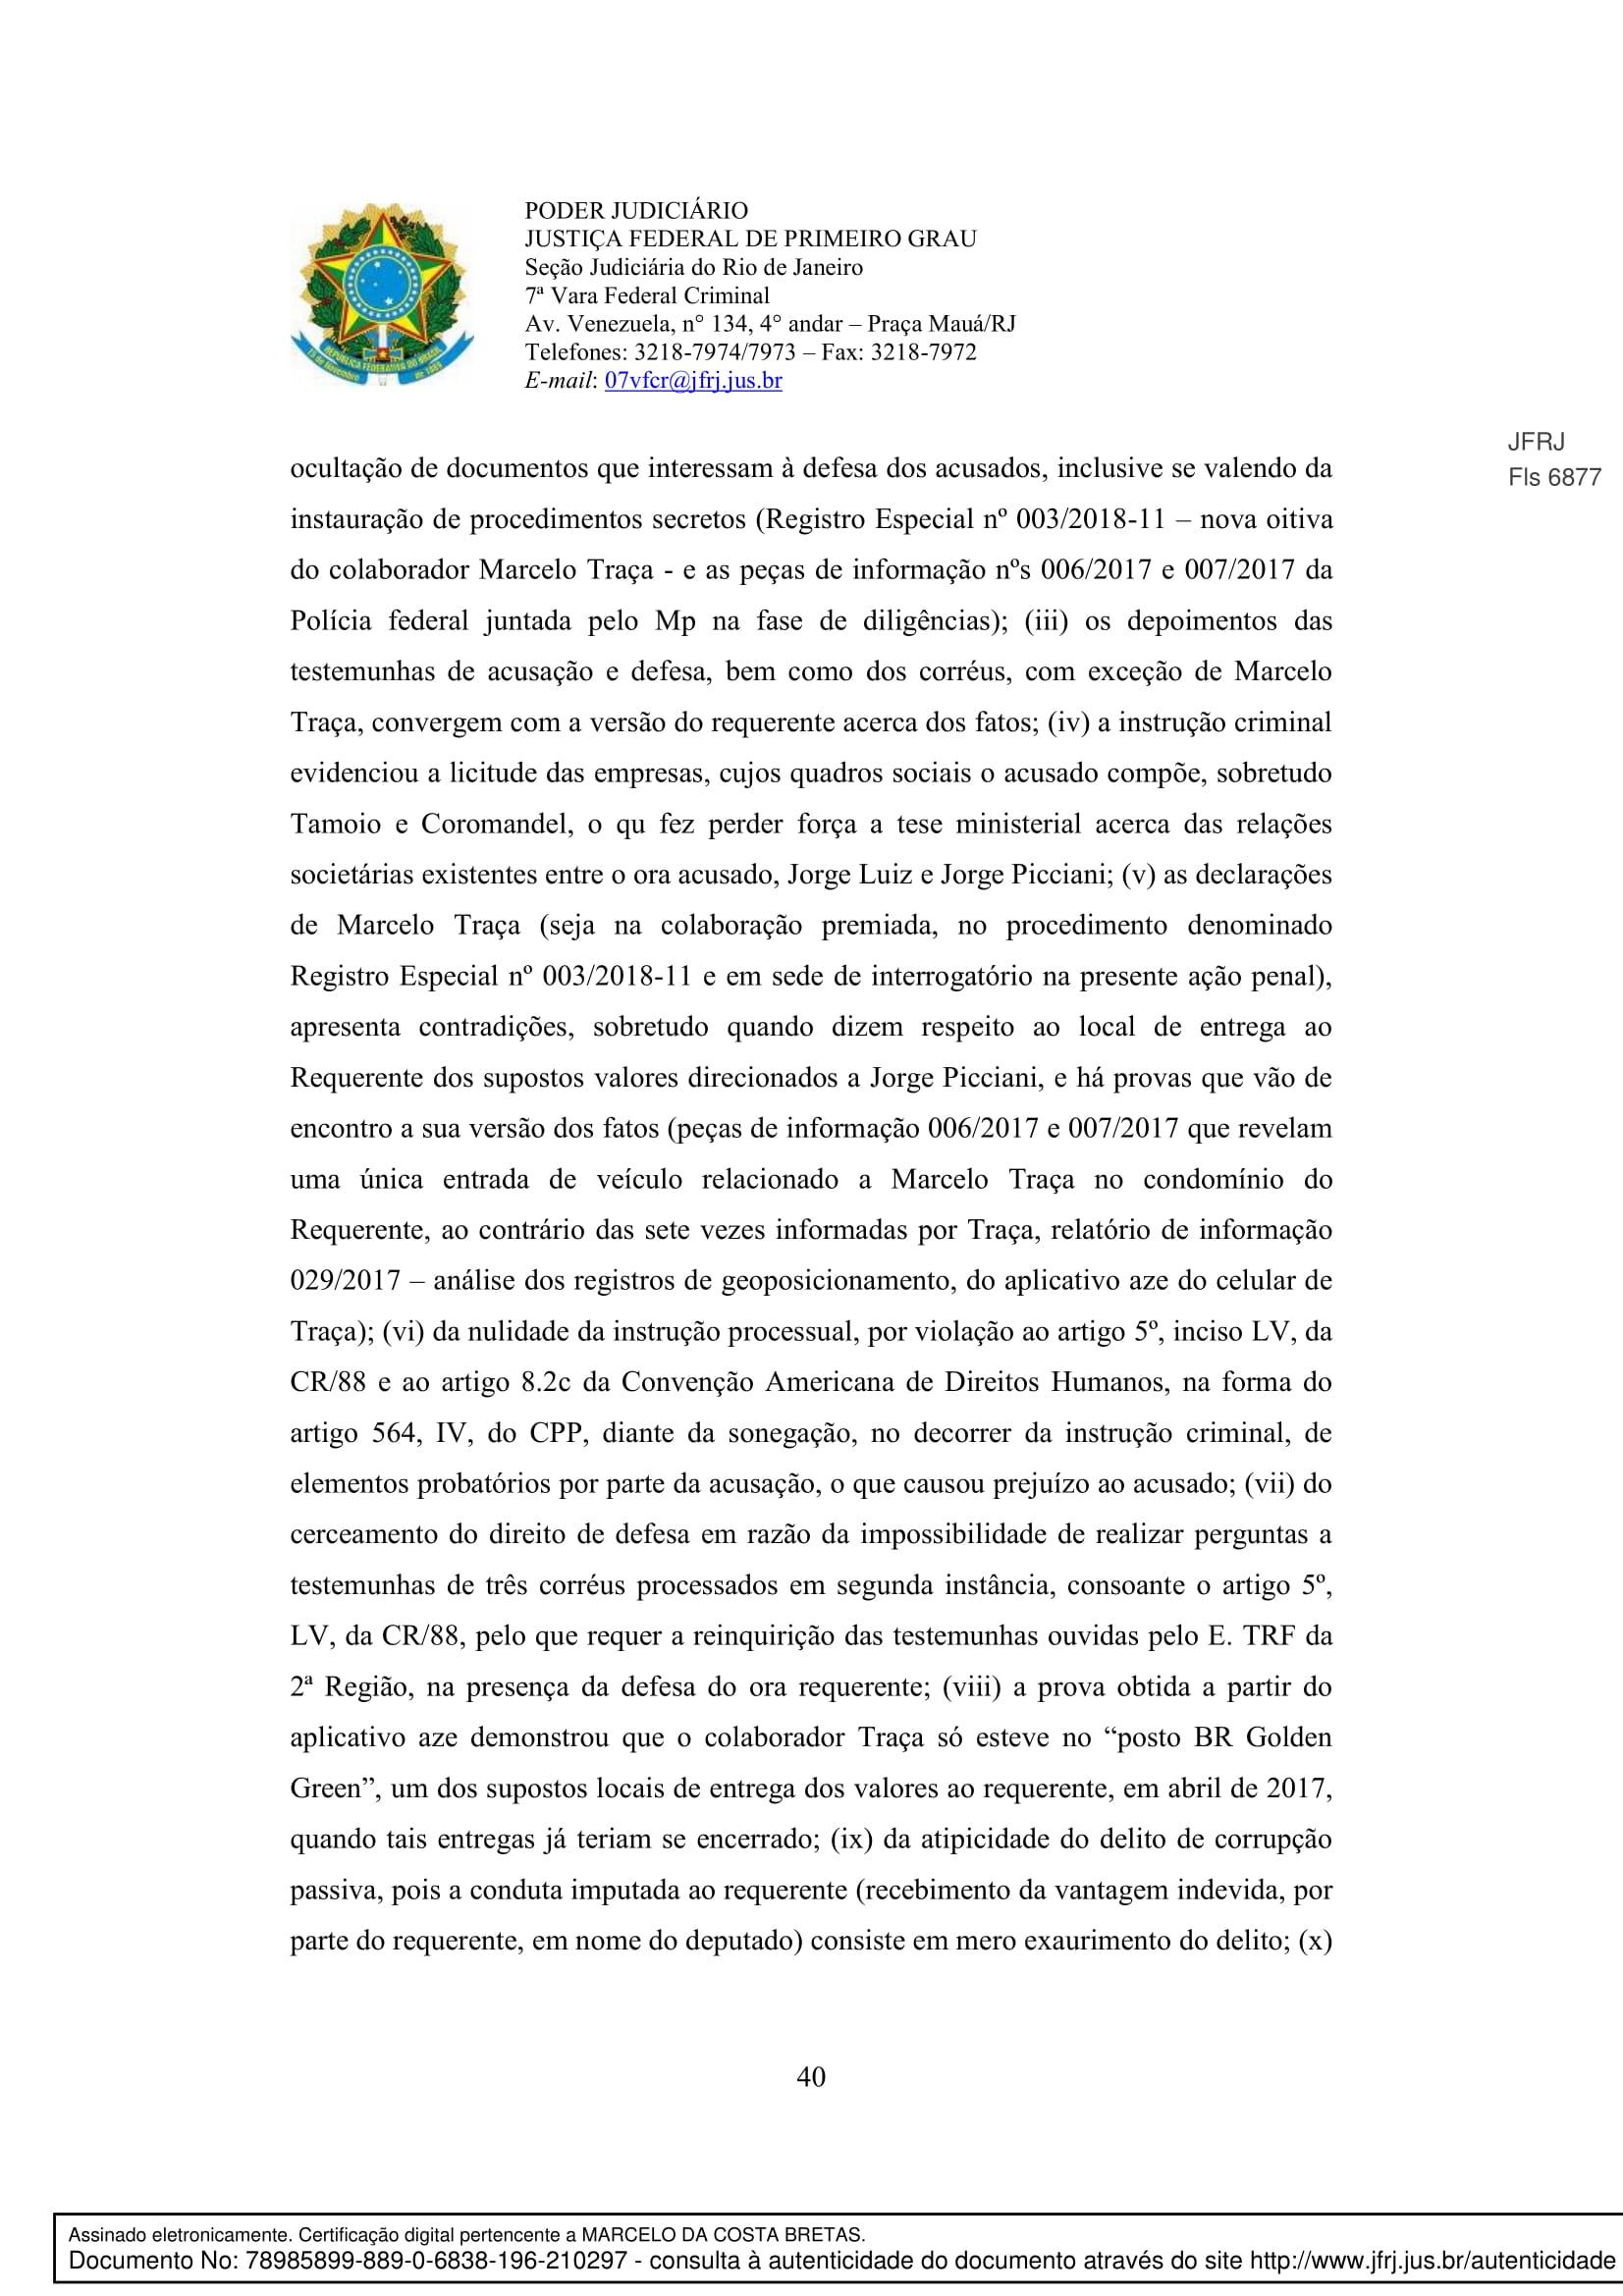 Sentenca-Cadeia-Velha-7VFC-040